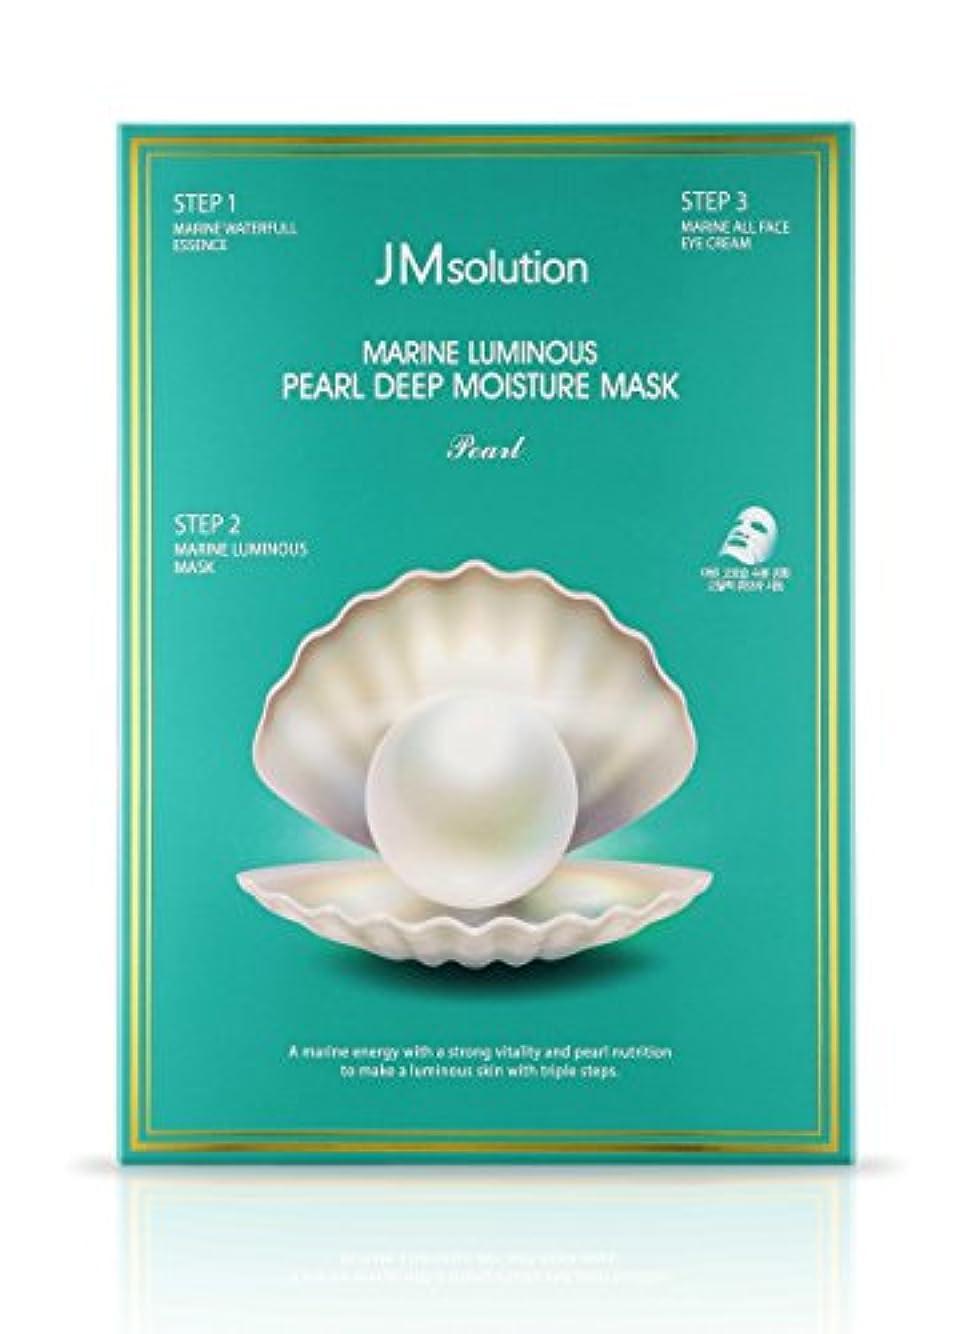 枝と闘う火山学JMソリューション JMsolution マリン ルミナス ディープ モイスチャー マスク 10枚入